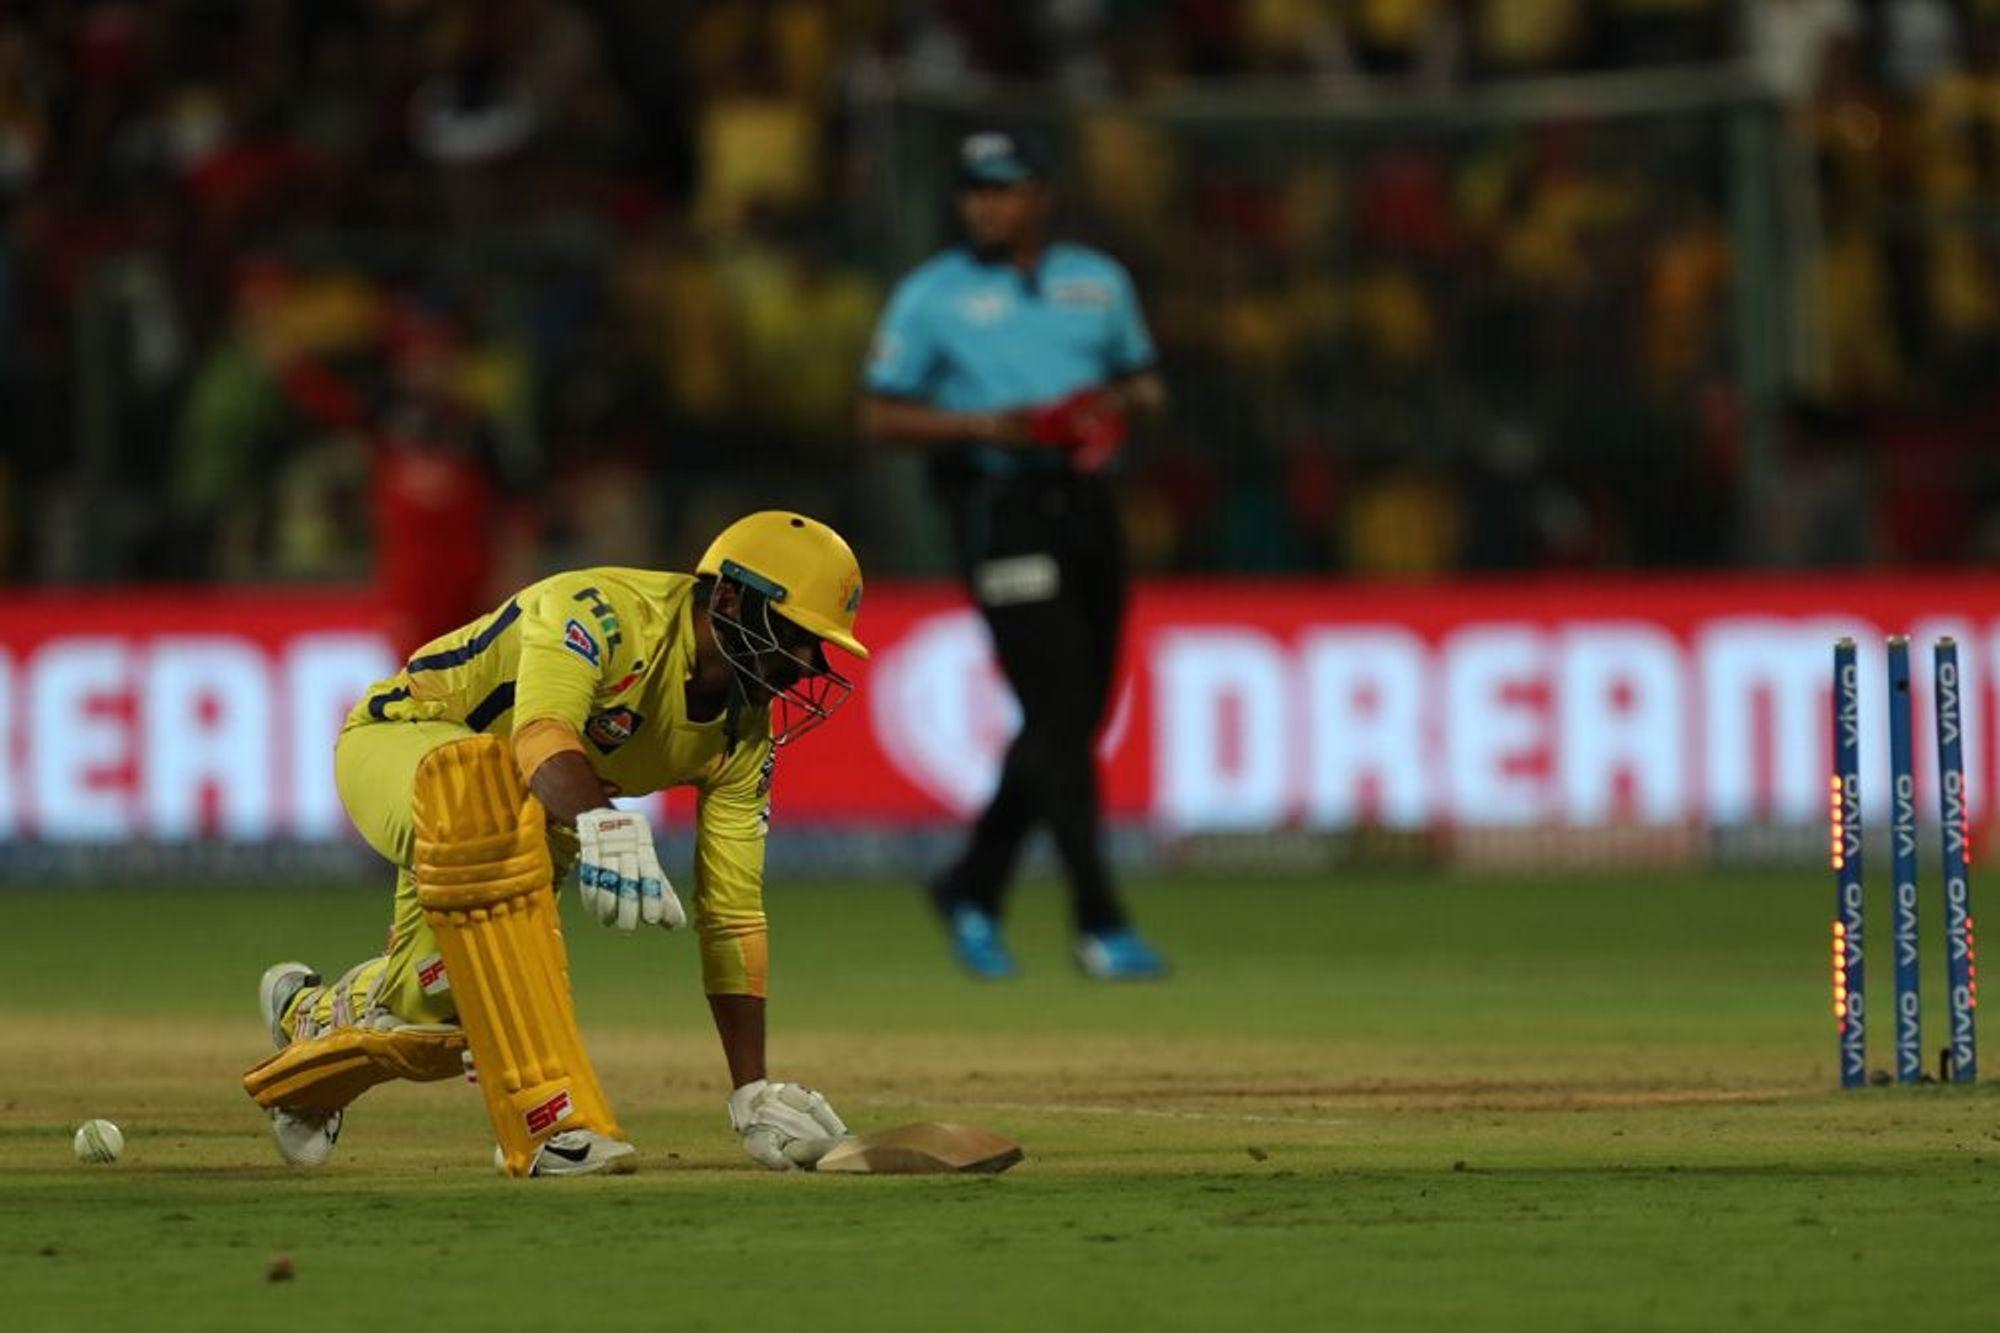 आईपीएल 2019: पार्थिव पटेल की बदौलत रोमांचक मैच में जीता बैंगलोर तो मोहम्मद सिराज ने किया कुछ ऐसा जीत लिया दिल 4